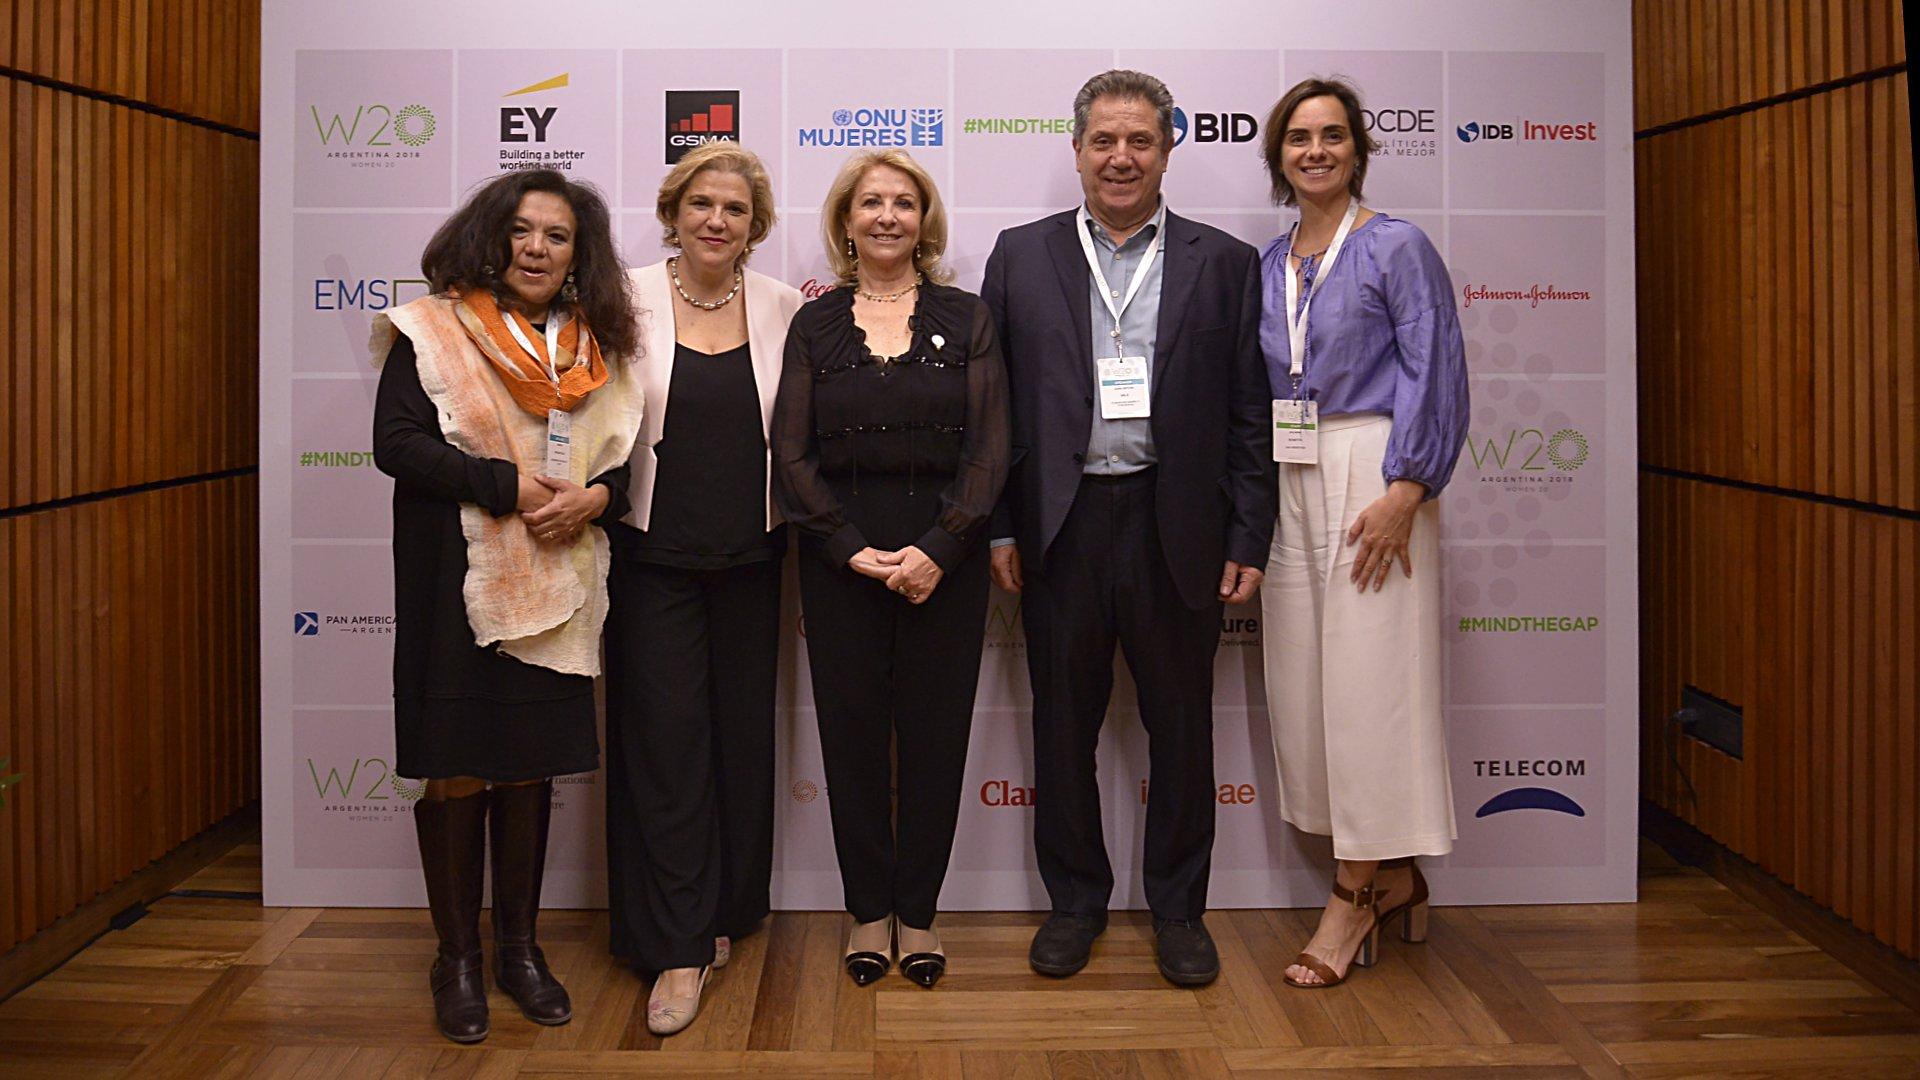 Magda Choque Vilca, de la Universidad Nacional de Jujuy; la periodista Pilar Rahola, la presidente del W20, Susana Balbo; Joan Melé, de Banca Ética; y Juliana Bonetto, directora Ejecutiva del W20